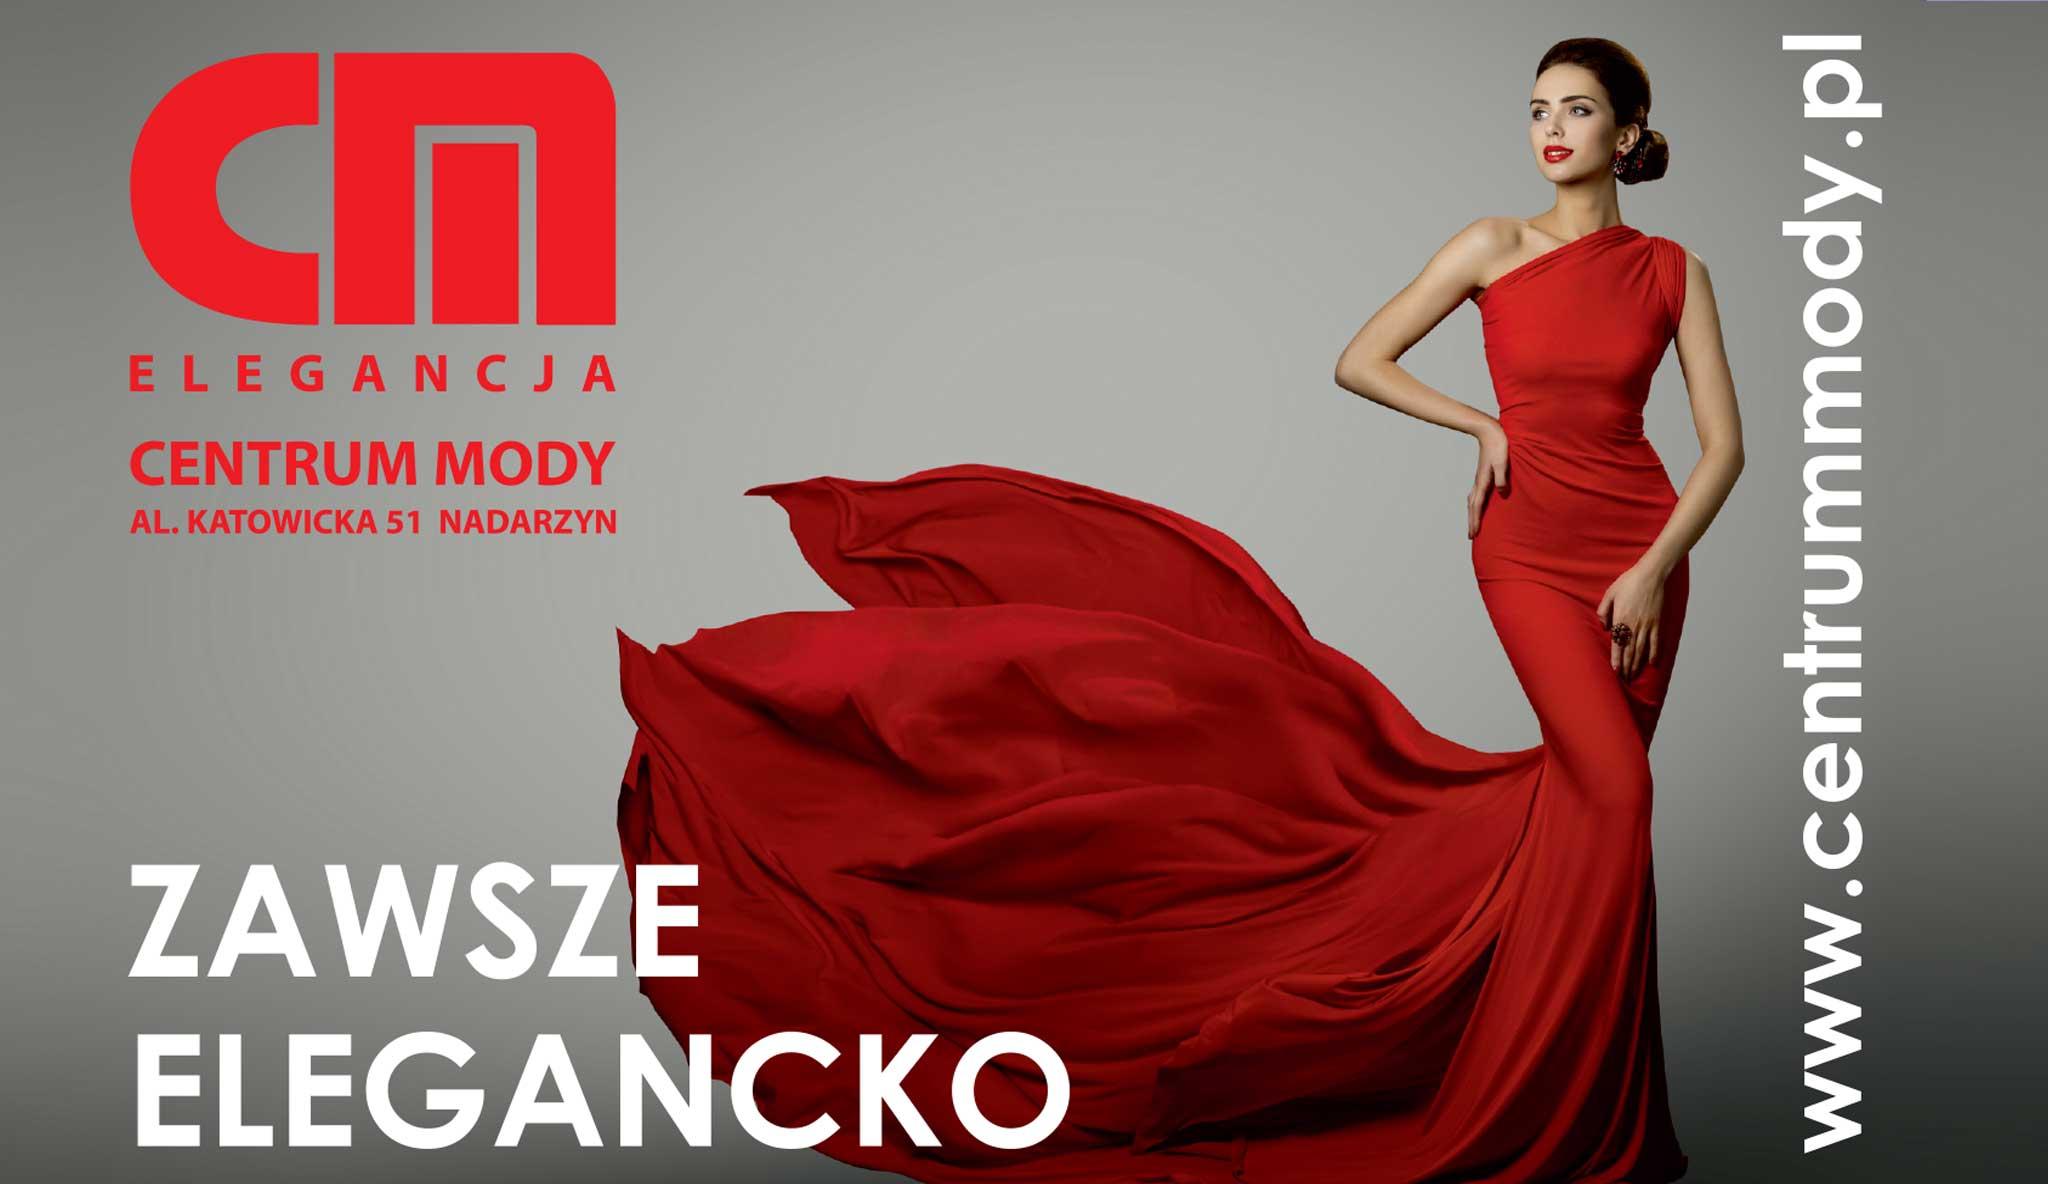 89823d7ac9 Home - Centrum Mody - Mall Moda Damska - Warszawa